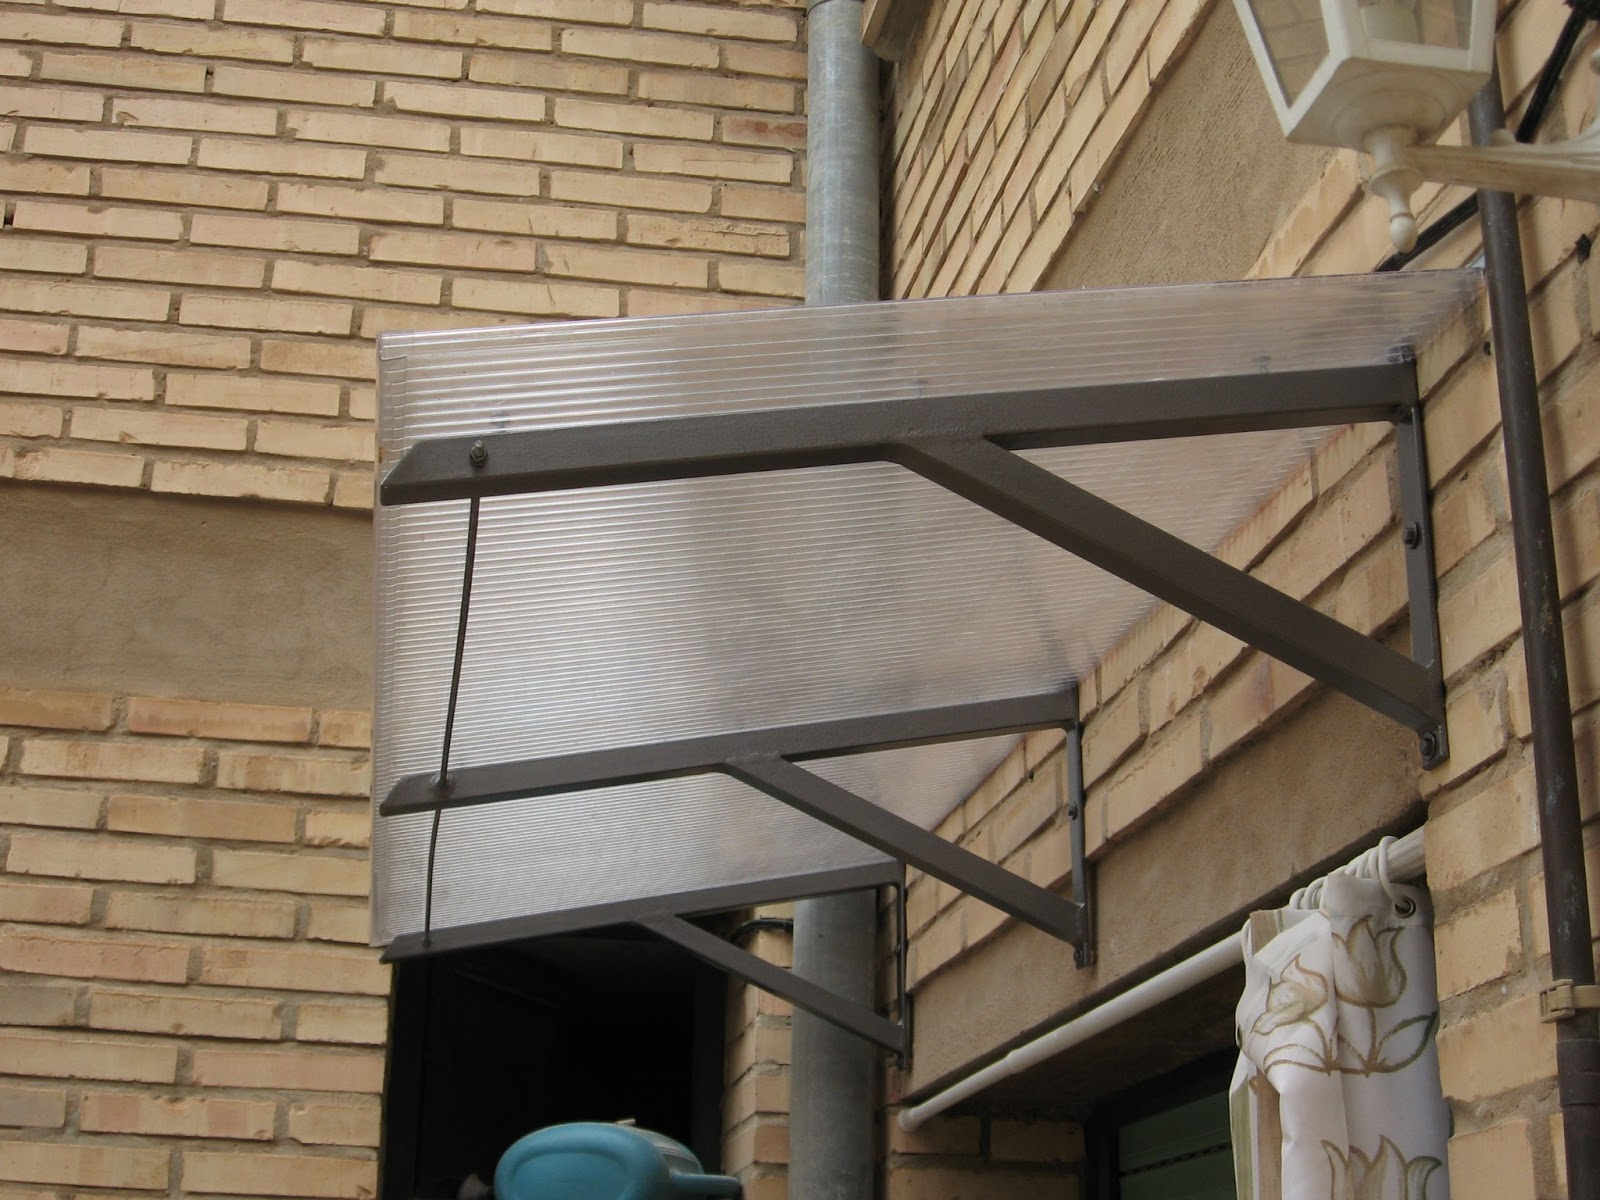 Yunke navarro alero para una puerta for Como hacer tejados de madera